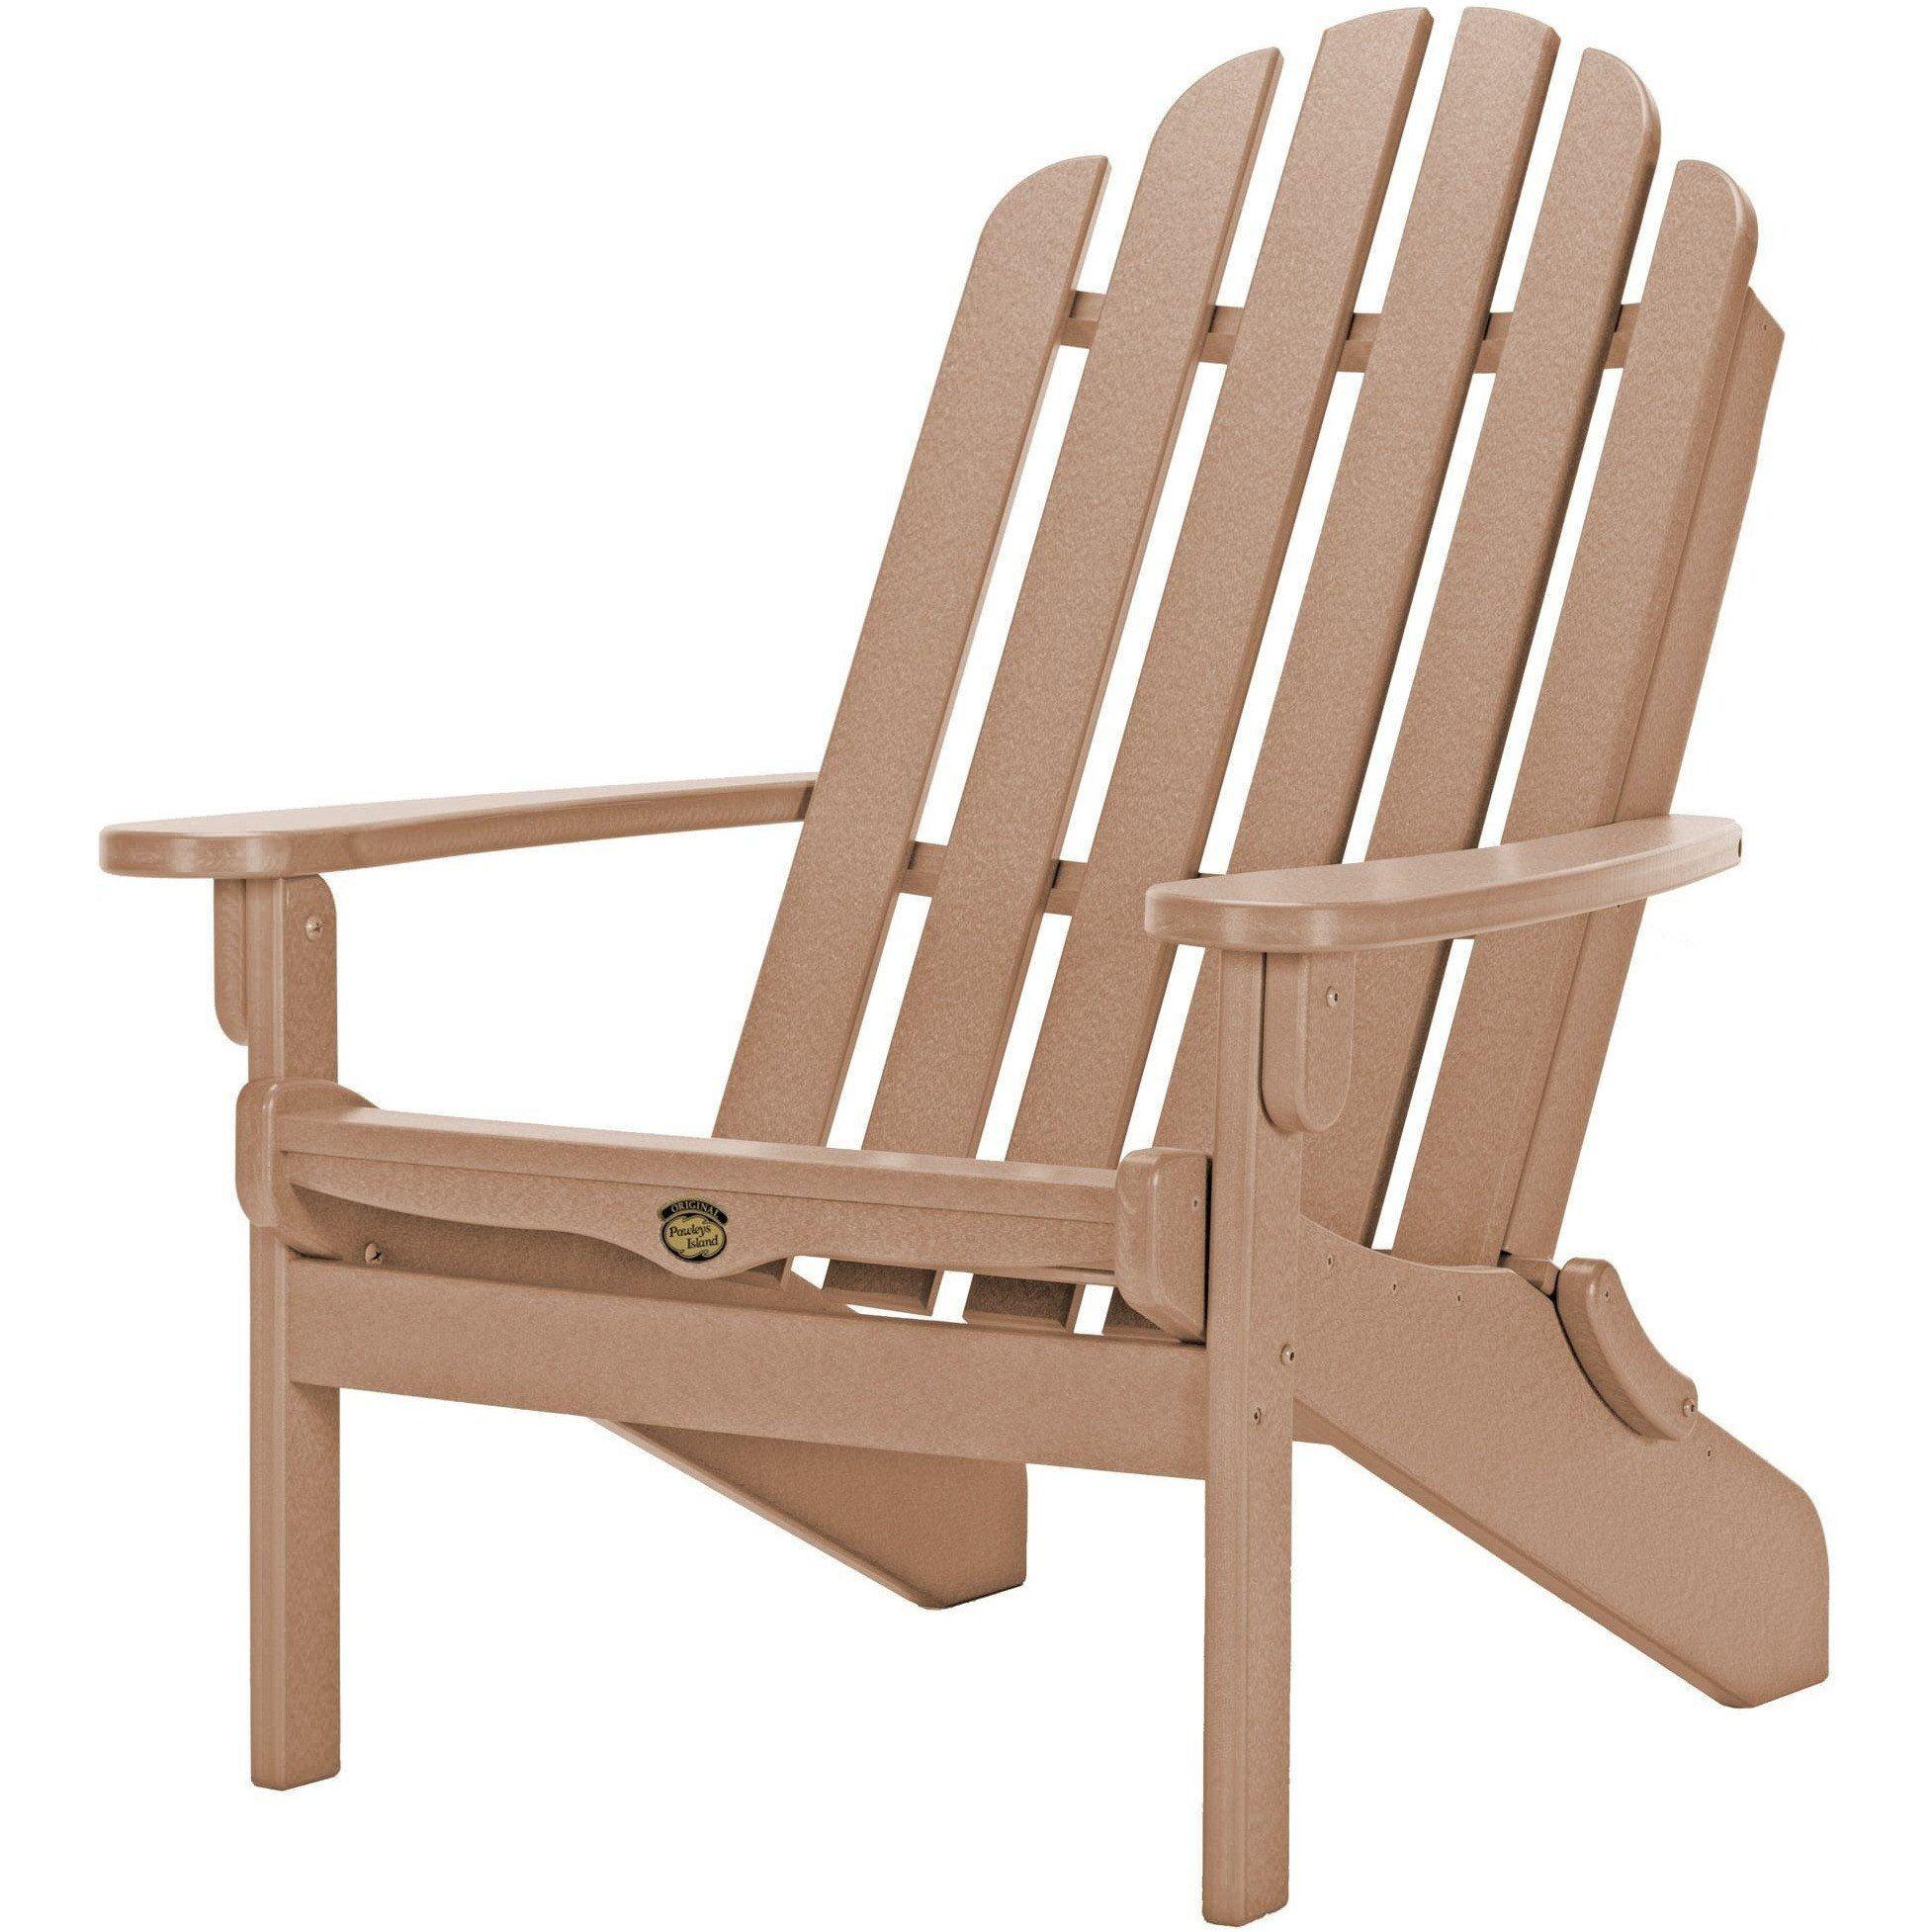 Pawleys Island Durawood Sunrise Adirondack Folding Chair Folding